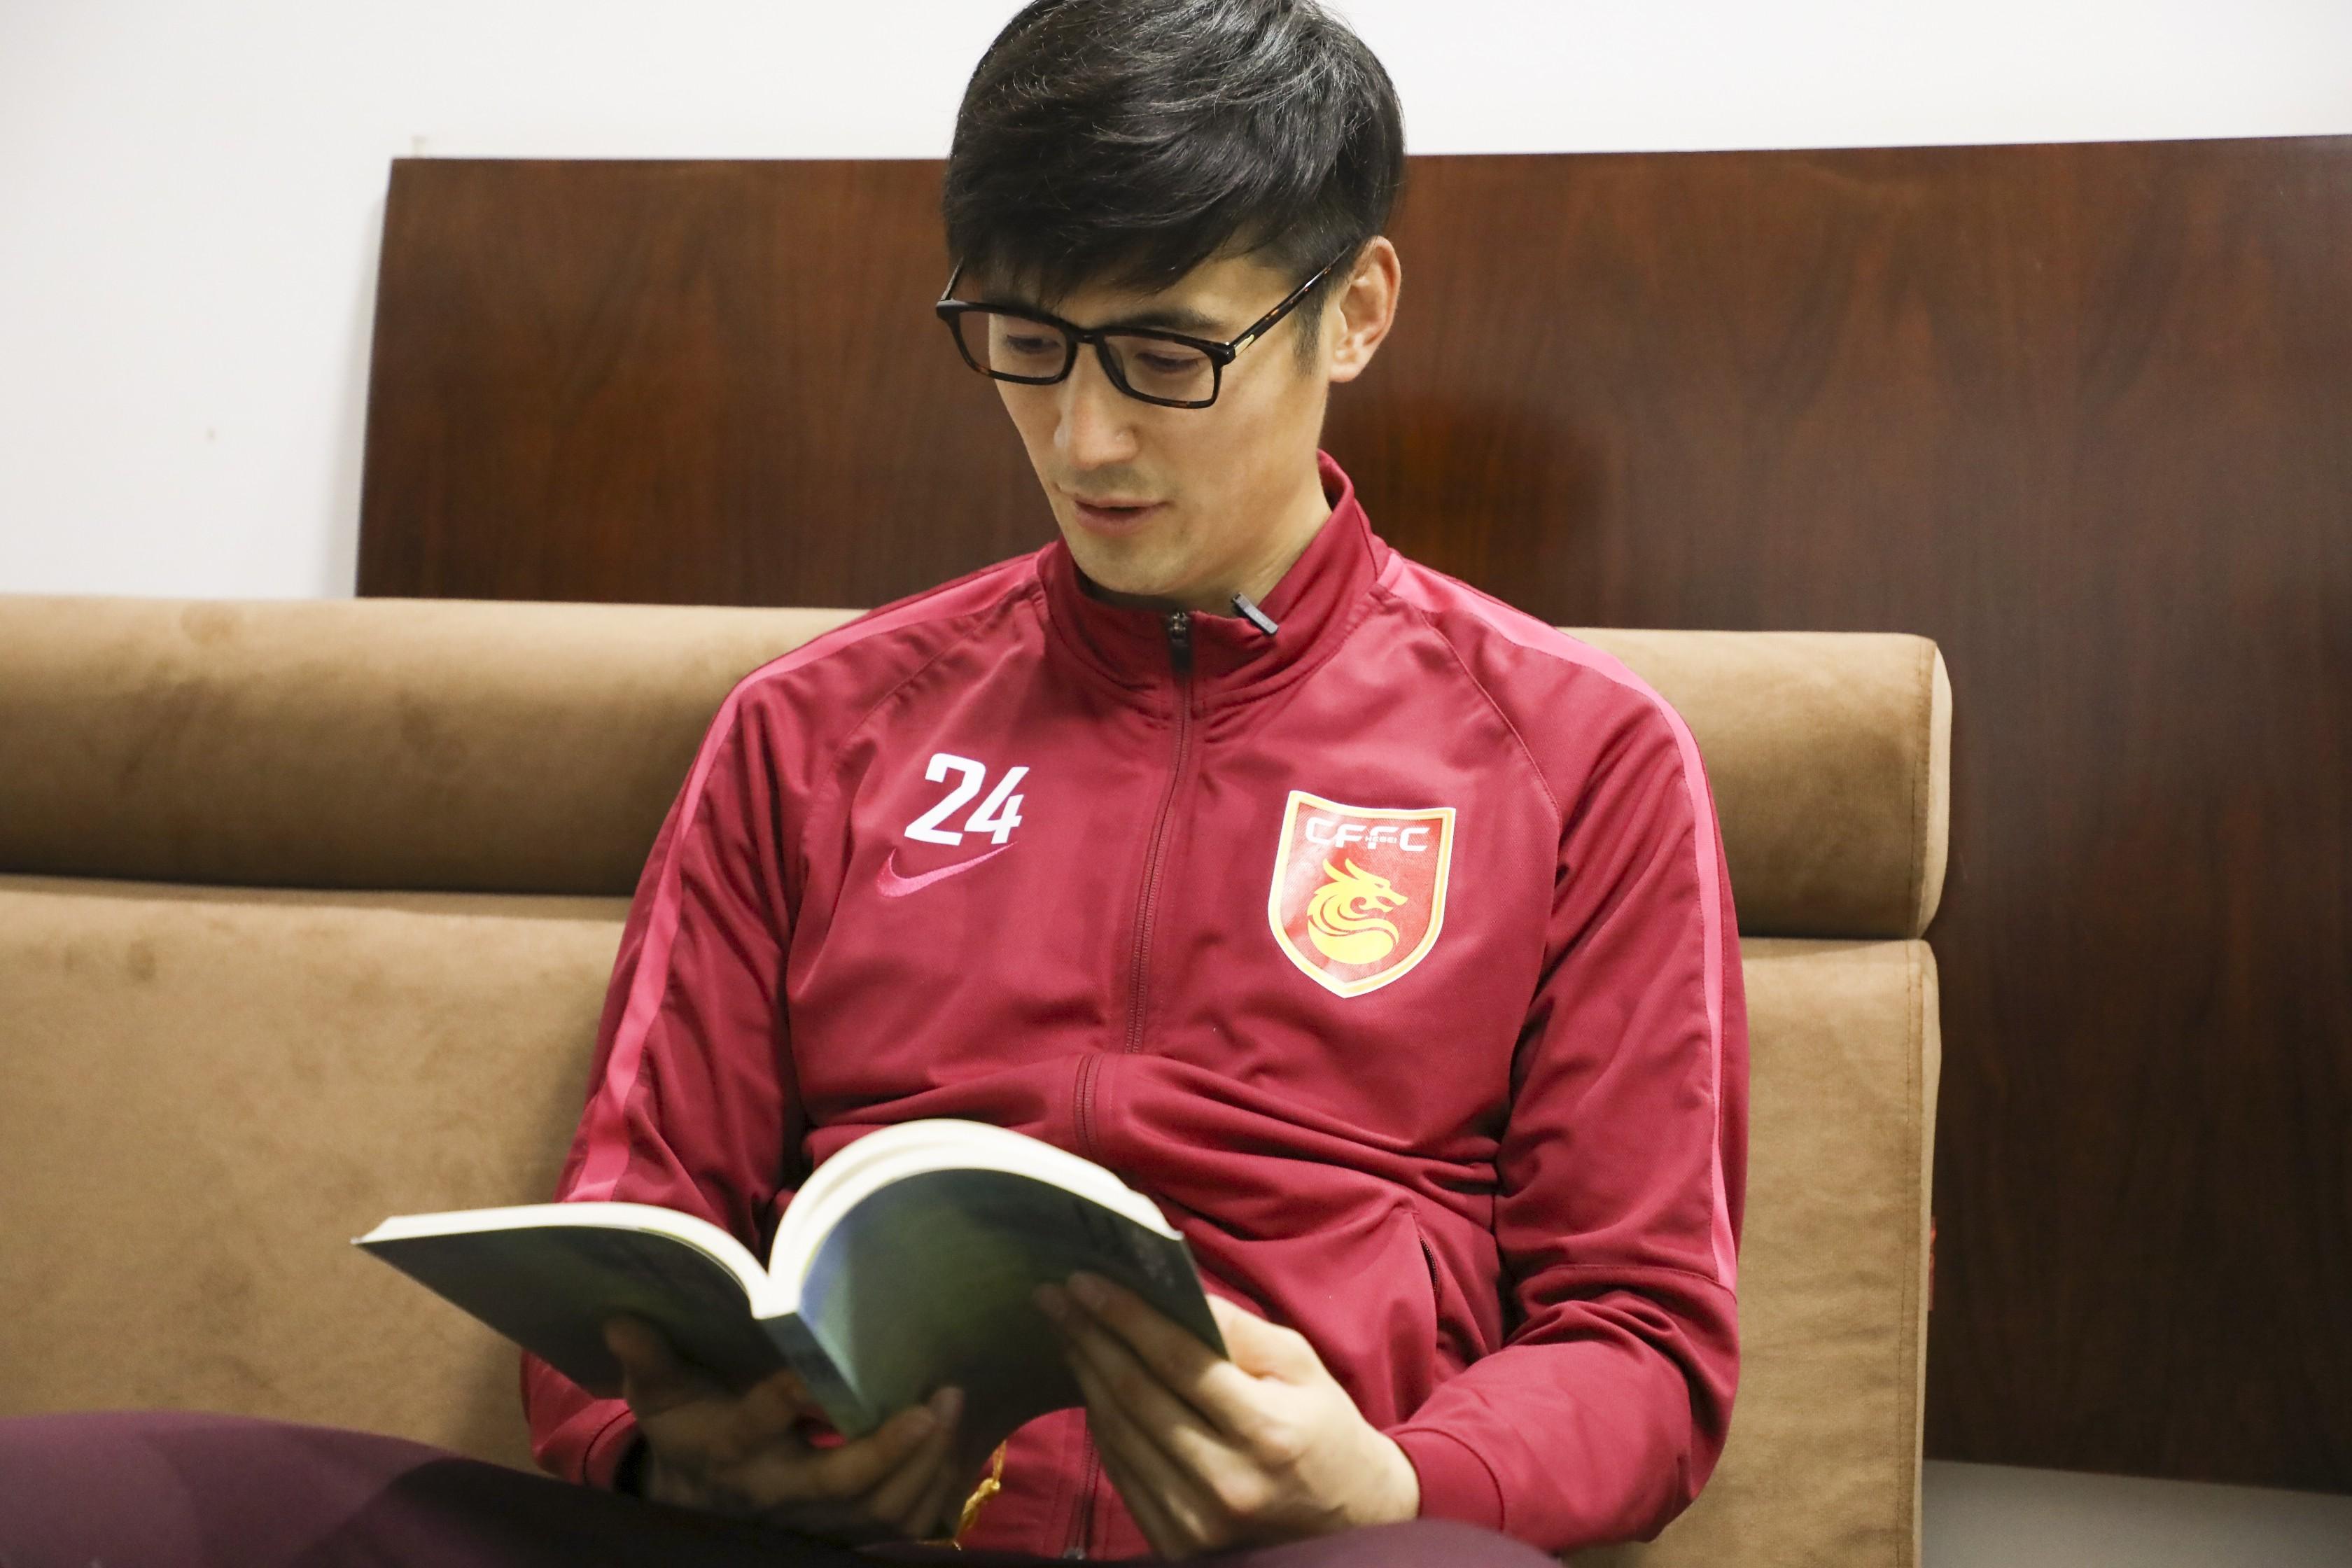 懂球号文章   坚定追梦,我是球员耿晓峰; 追求幸福,我是朗读者耿晓峰.